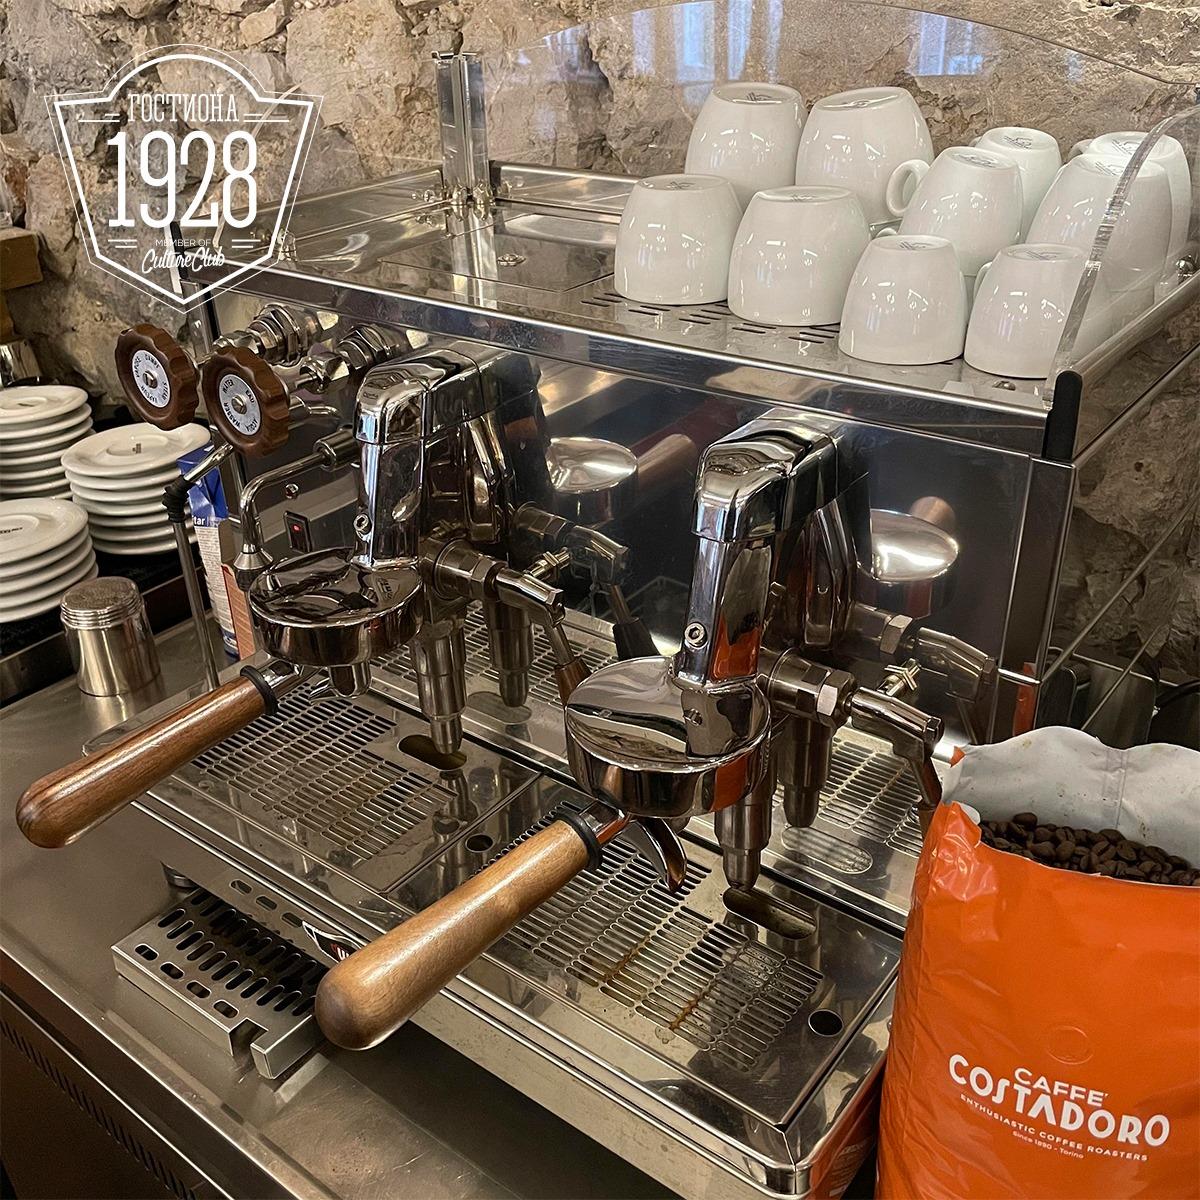 Costadoro, kafa vrhunskog kvaliteta